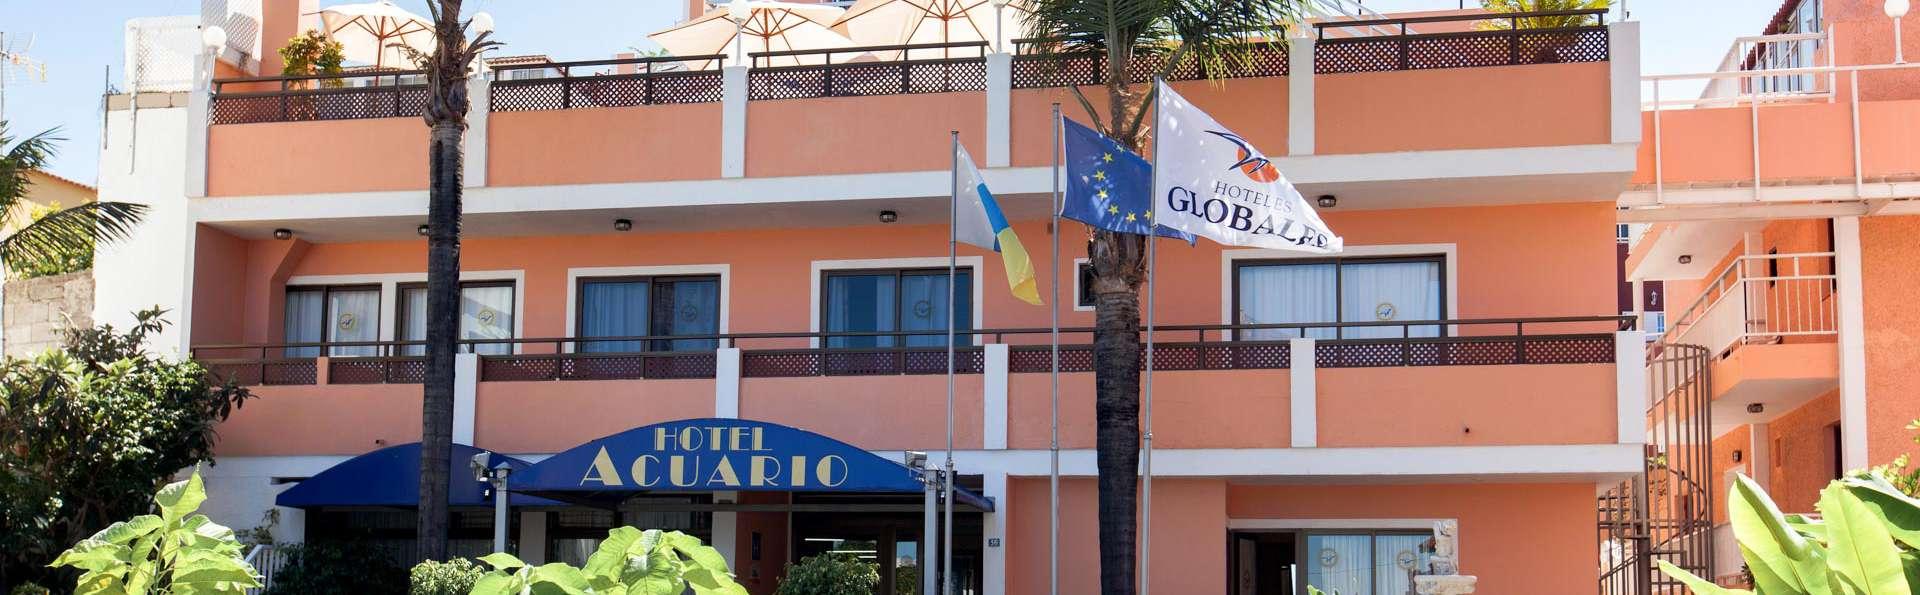 Hotel Globales Acuario - EDIT_FRONT_01.jpg